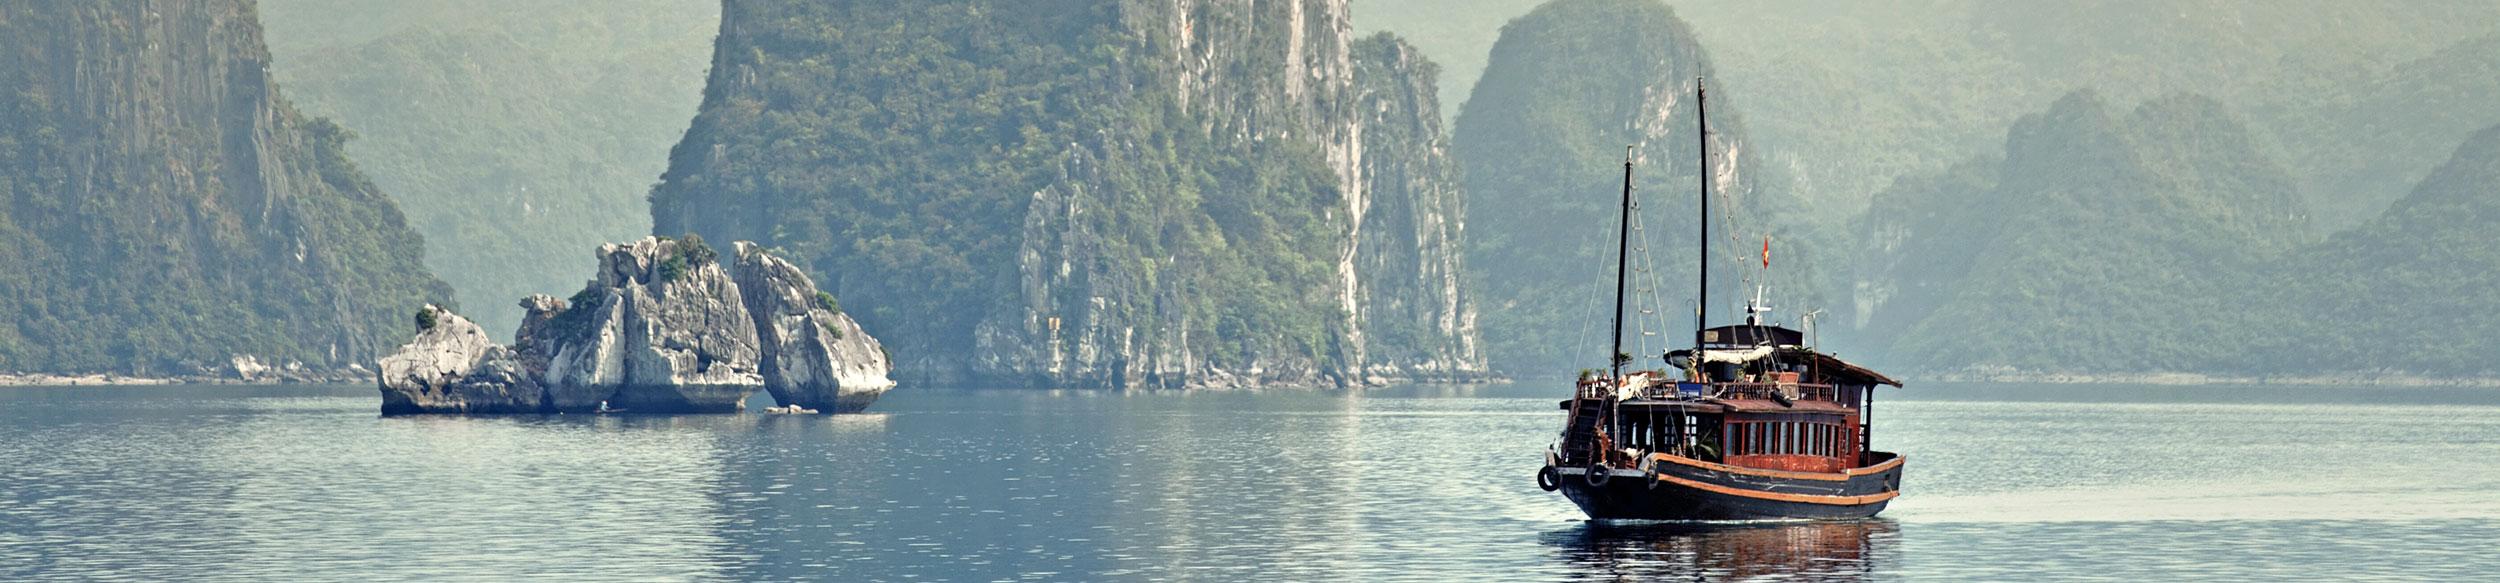 Jonque dans la baie d'Halong au Vietnam - croisières en Asie